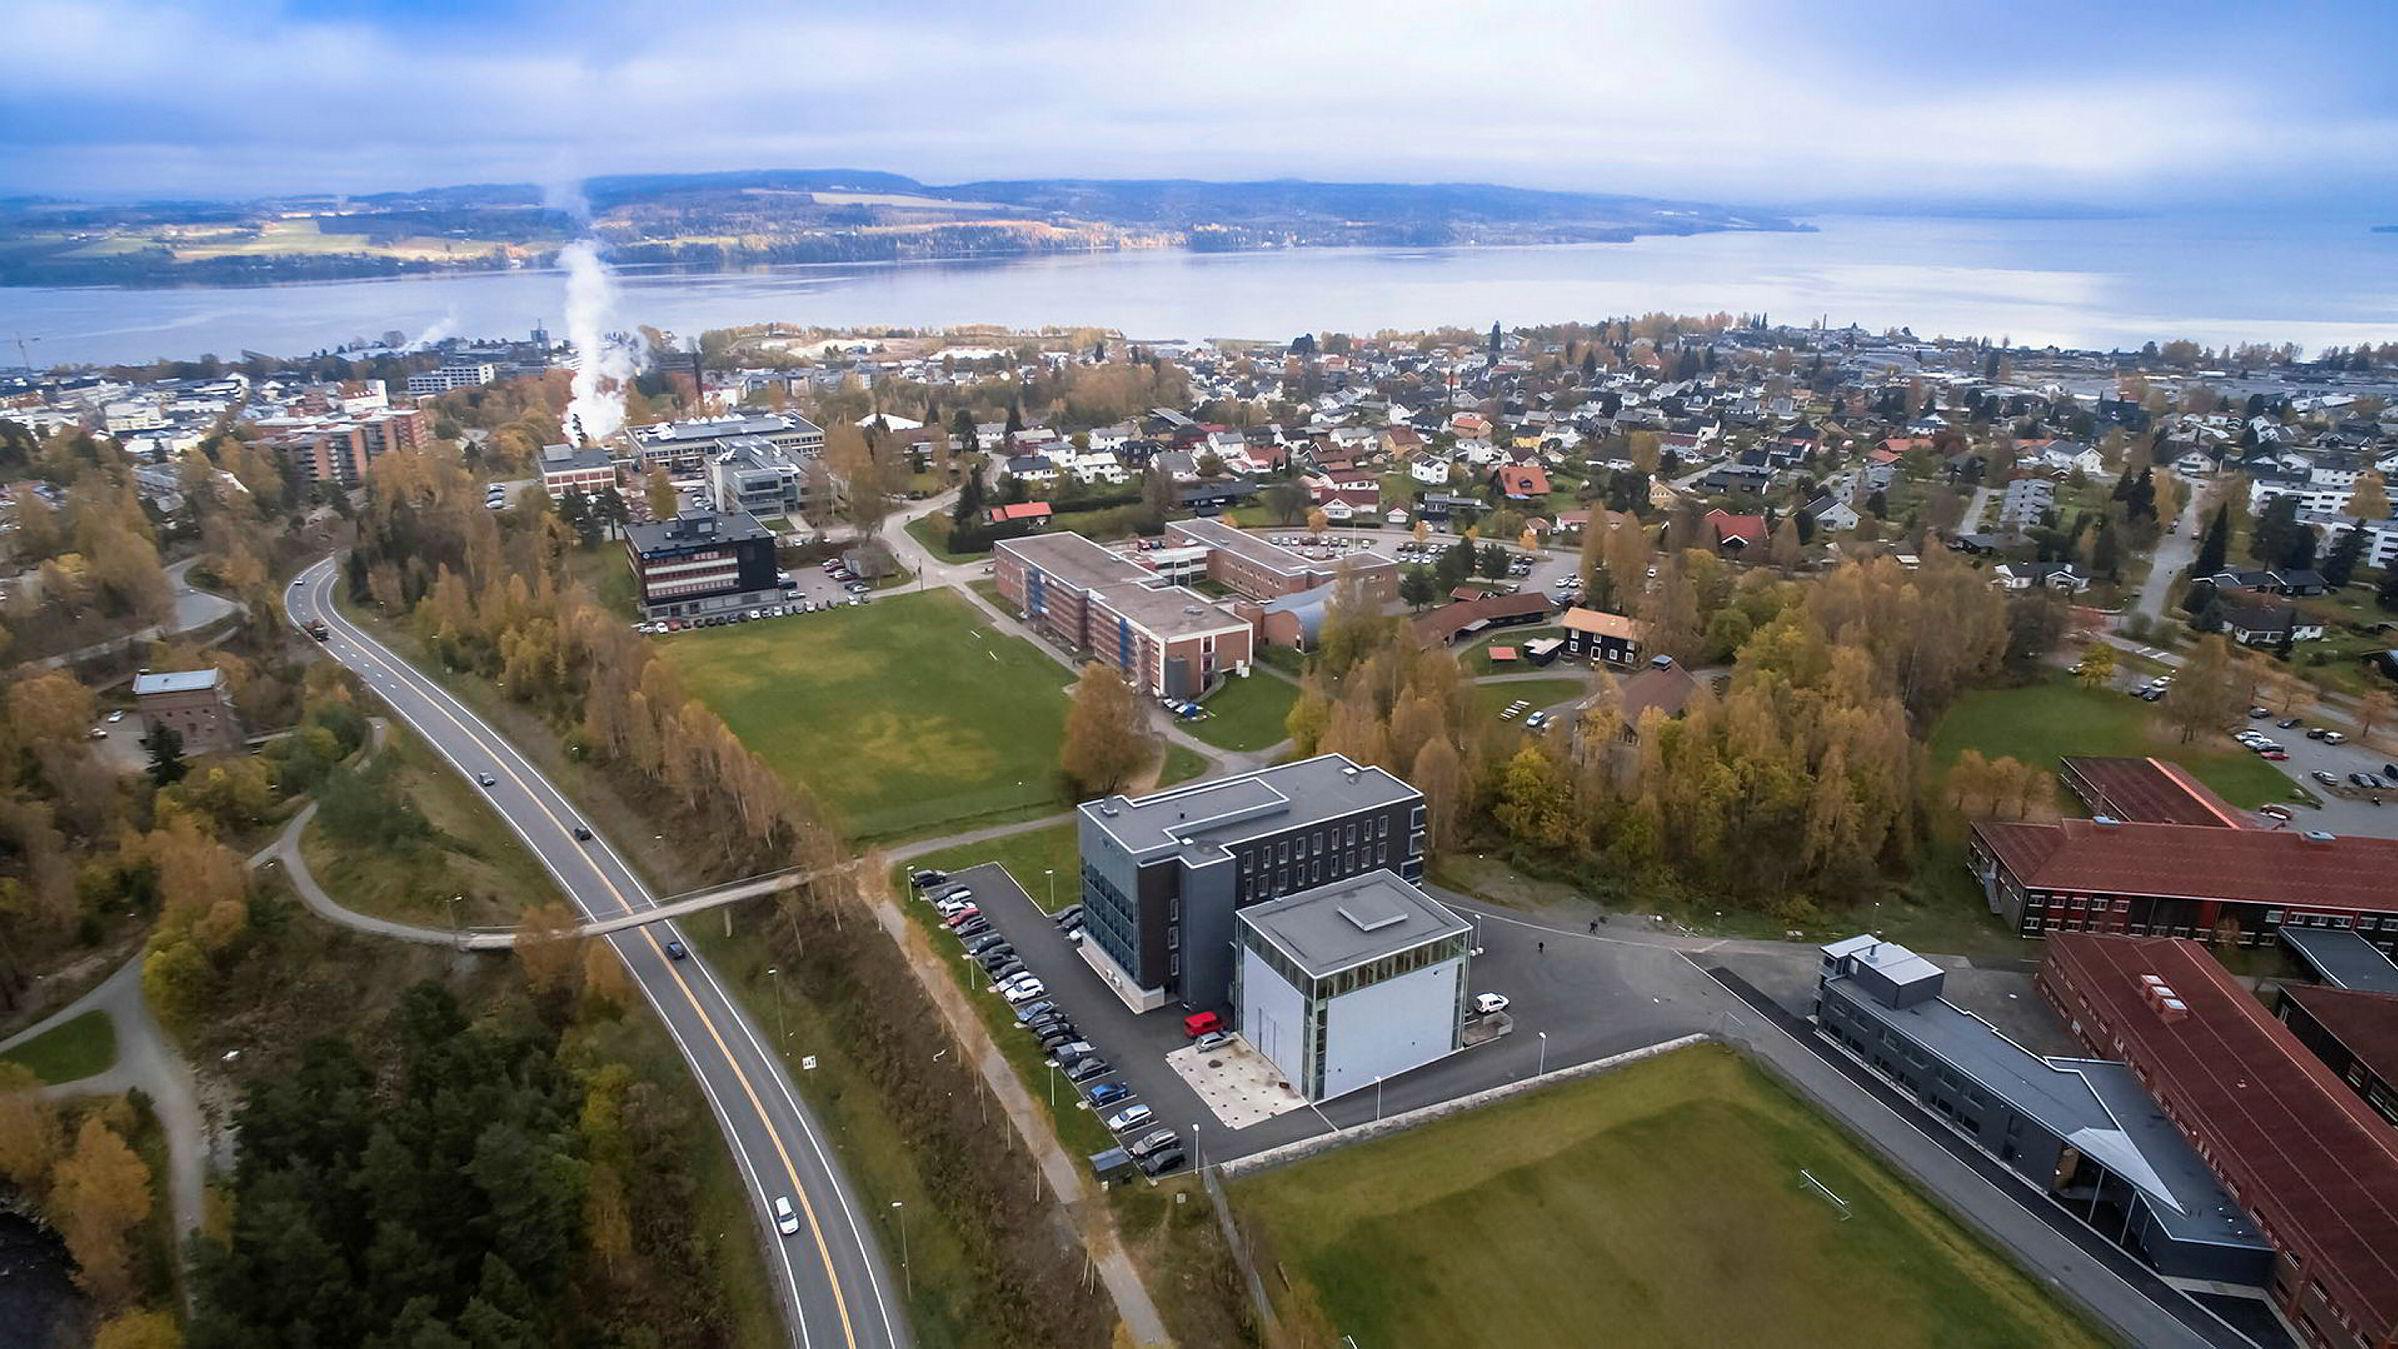 Antall søkere til ingeniørlinjene på NTNUs Gjøvik-campus har økt med 20 prosent. Studiestedet spesialiserer seg på it- og teknologiutdannelser.